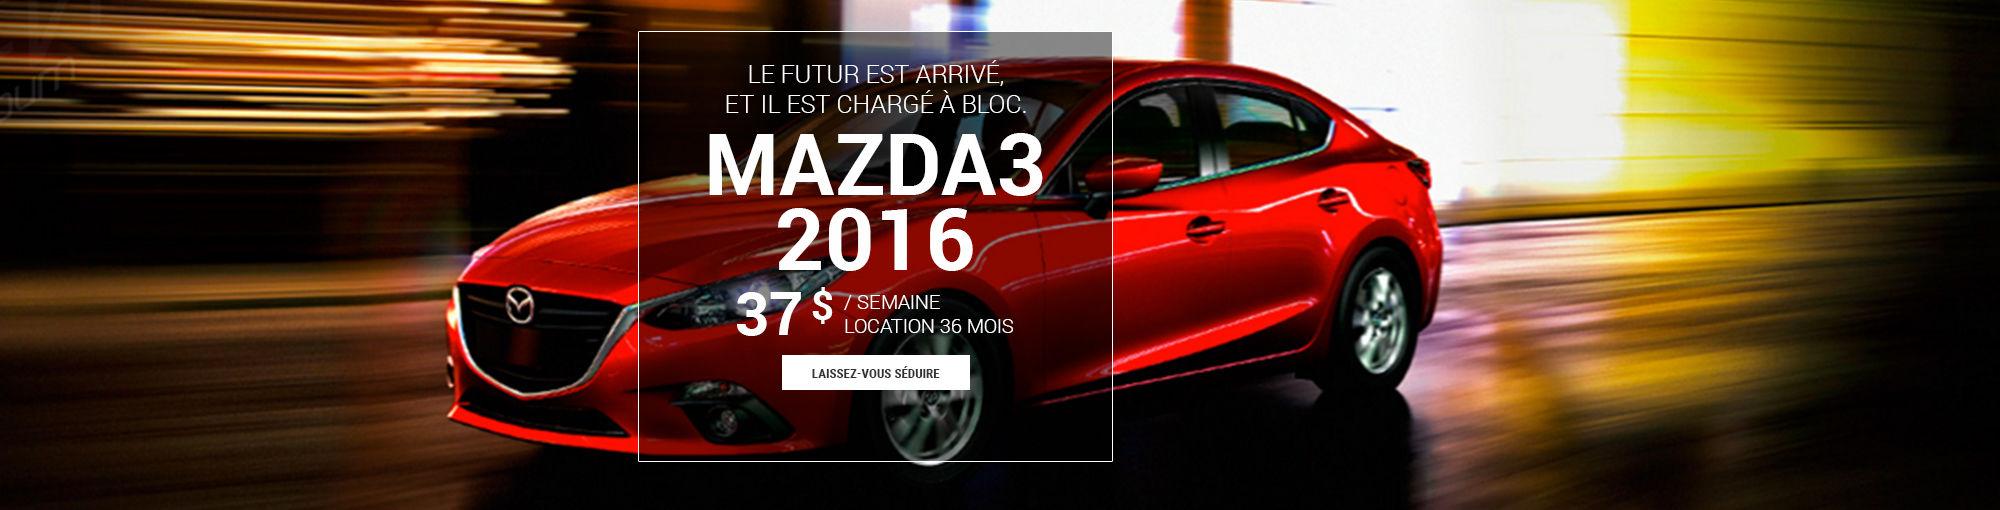 Mazda3 2016 - novembre 2015